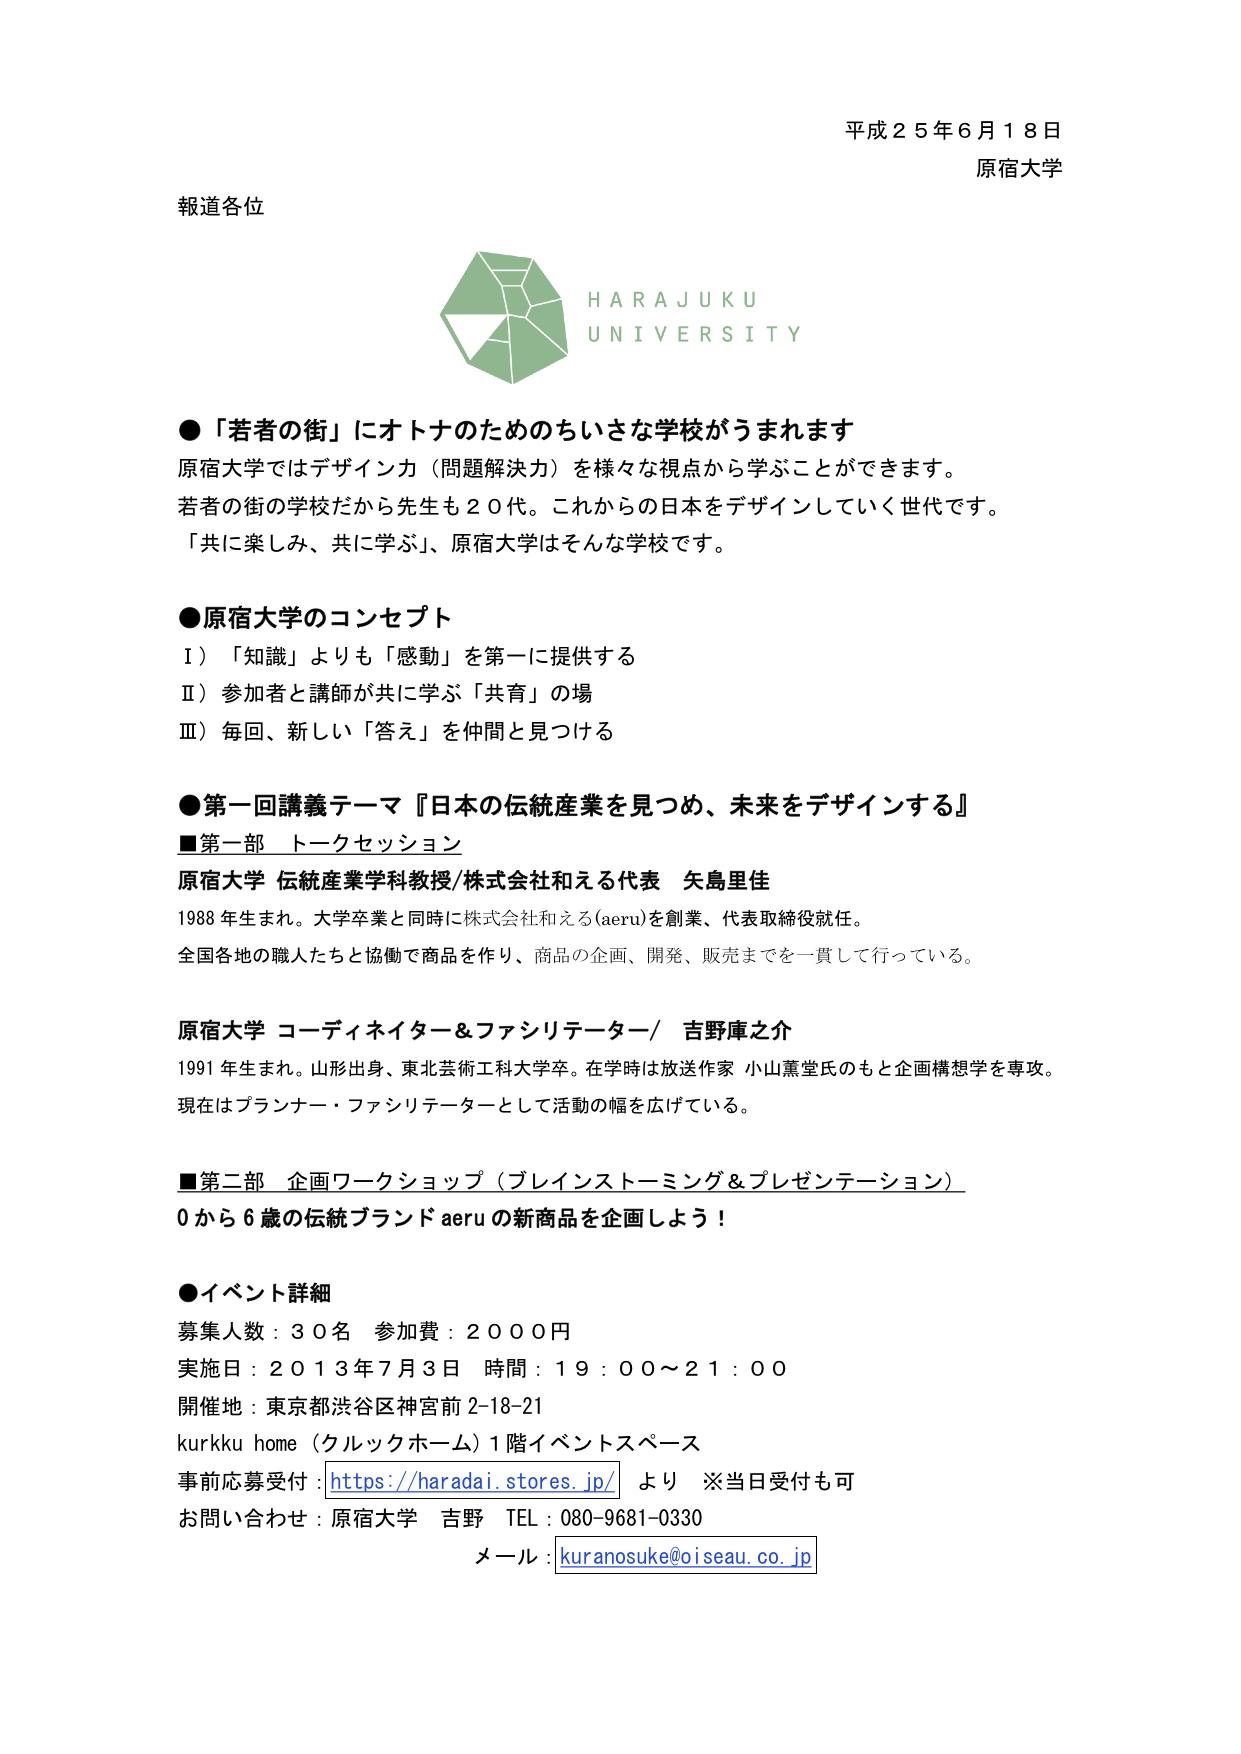 原宿大学講義内容 講師:矢島里佳(株式会社和える 代表取締役)